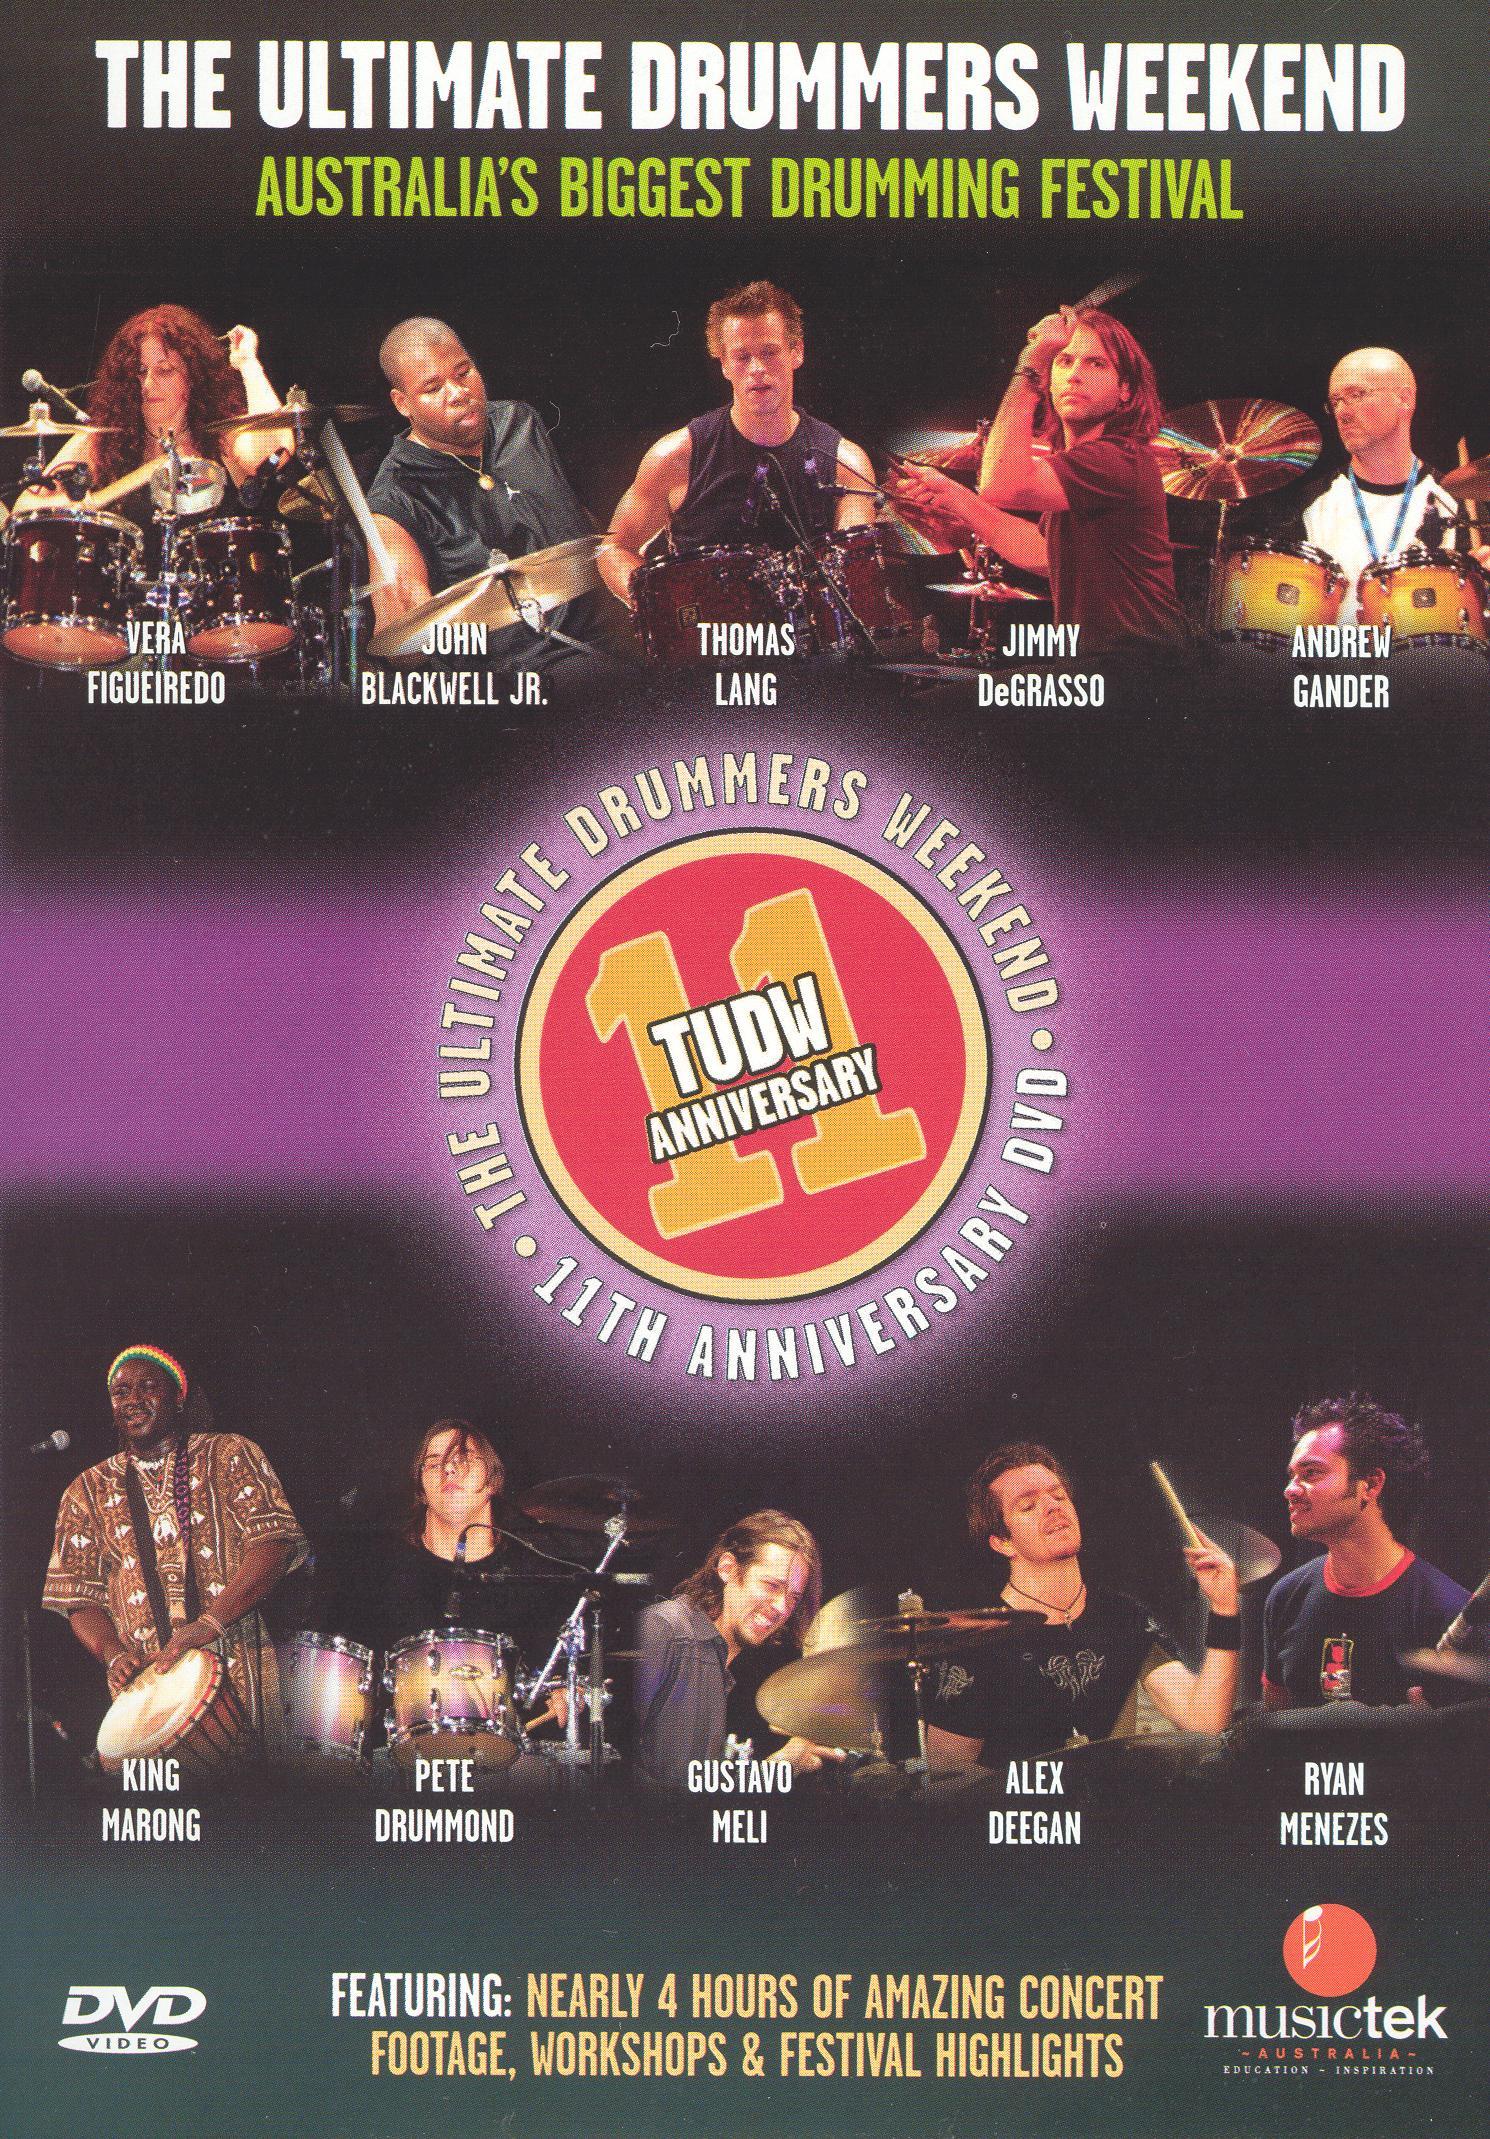 Ultimate Drummers Weekend 11th Anniversary